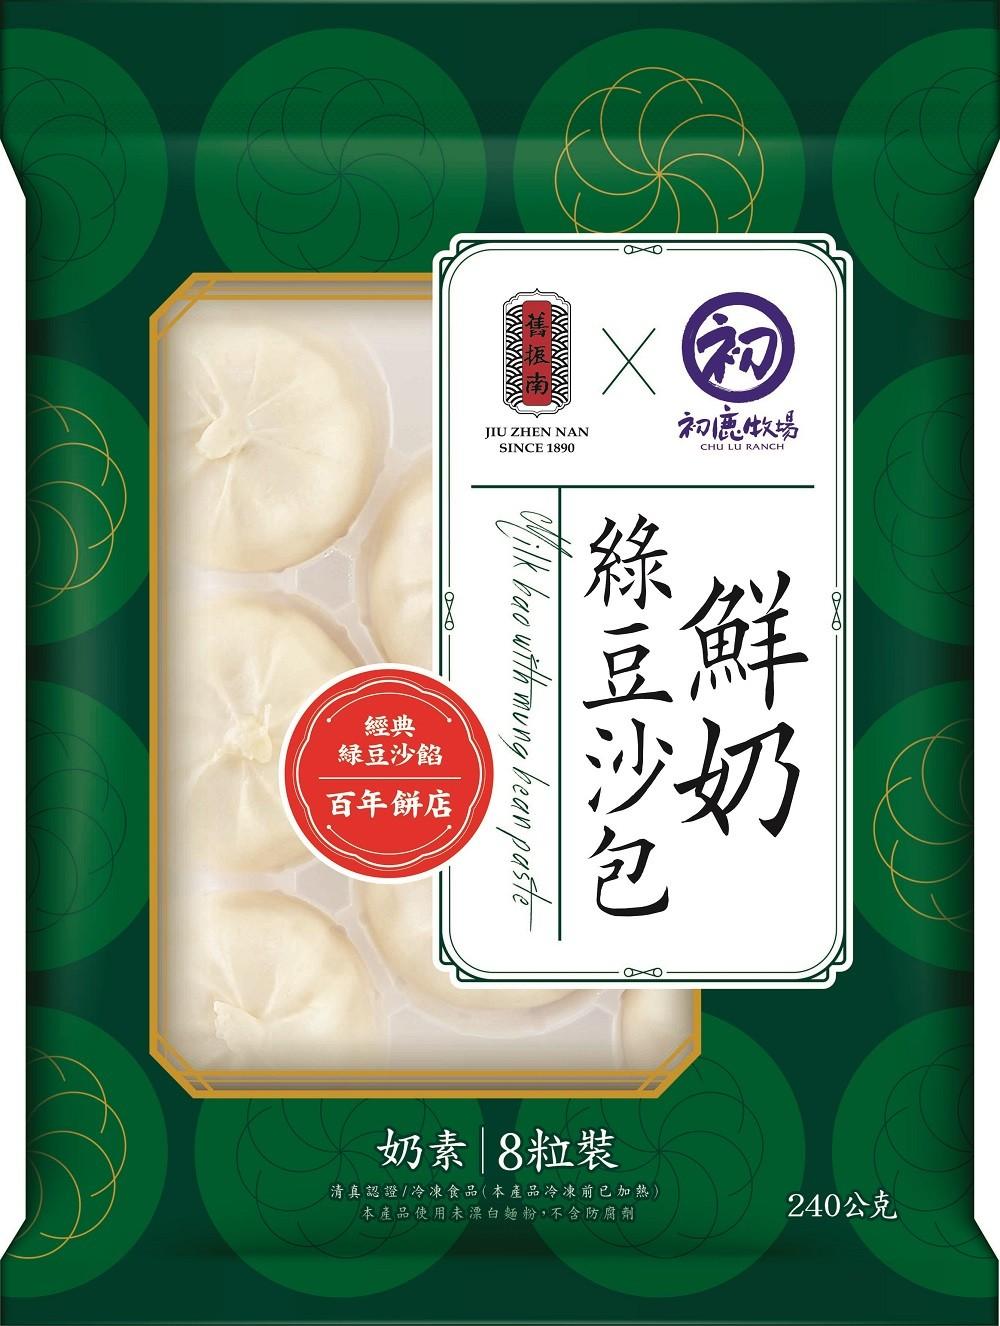 初鹿牧場聯名舊振南 推出融合經典口感「鮮奶綠豆沙包」 每一口都是正港台灣味